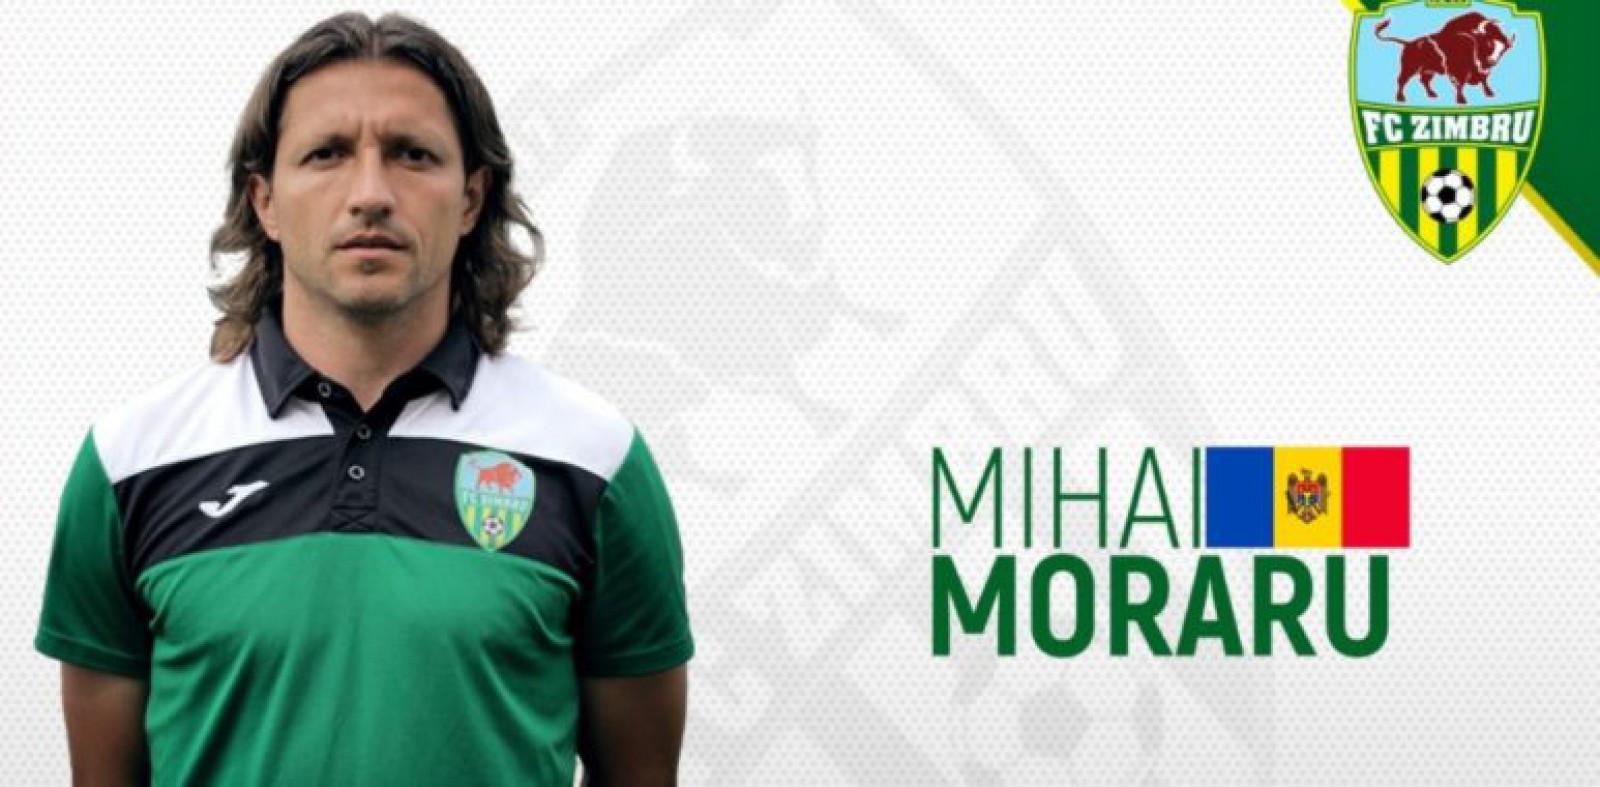 Decizie neașteptată! Mihai Moraru a părăsit echipa Zimbru Chișinău